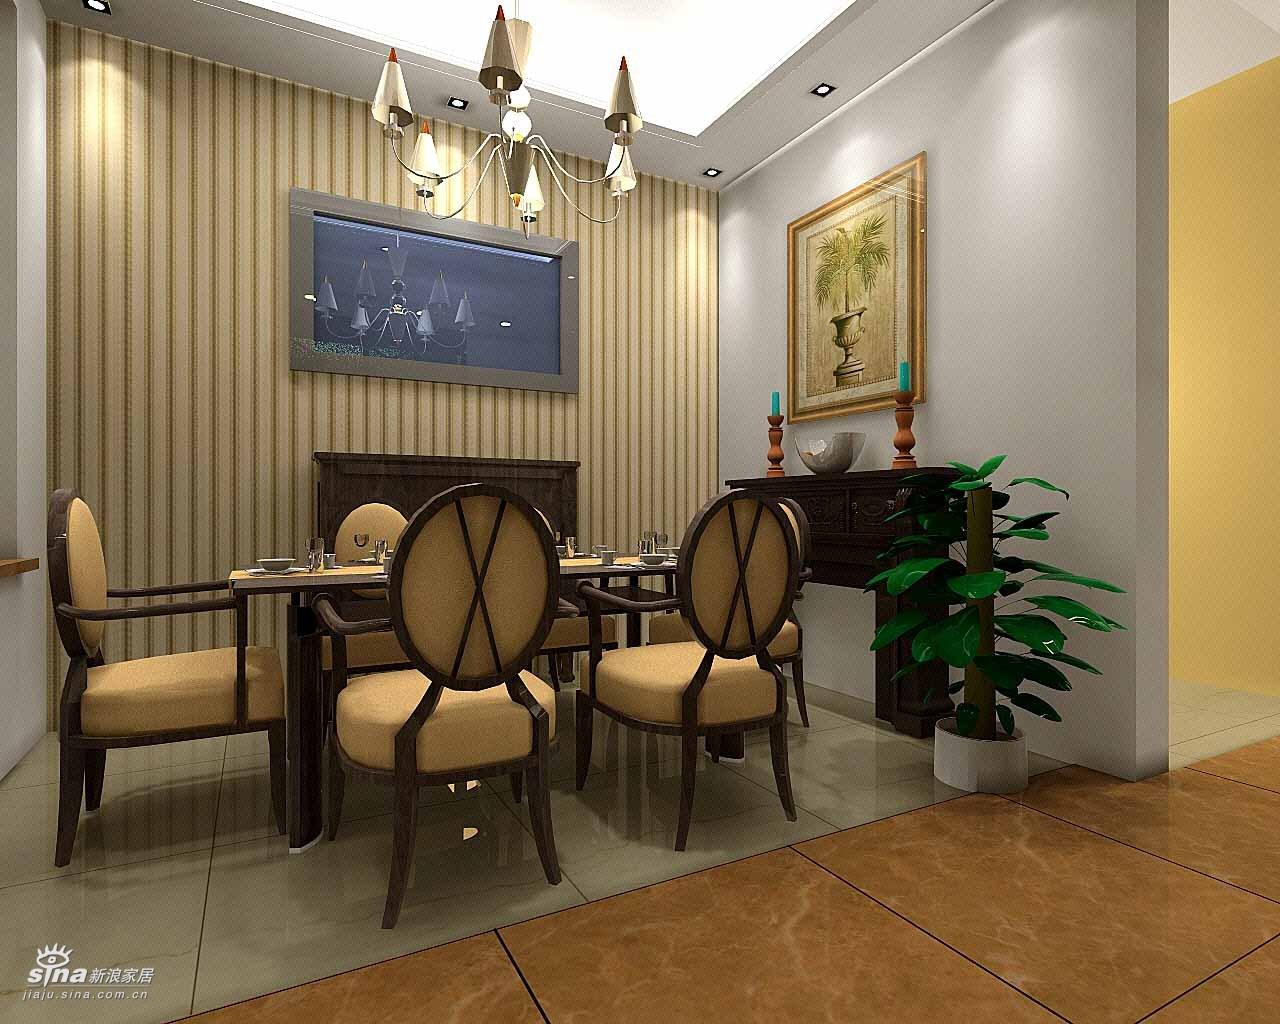 其他 别墅 餐厅图片来自用户2557963305在清新的韵律45的分享